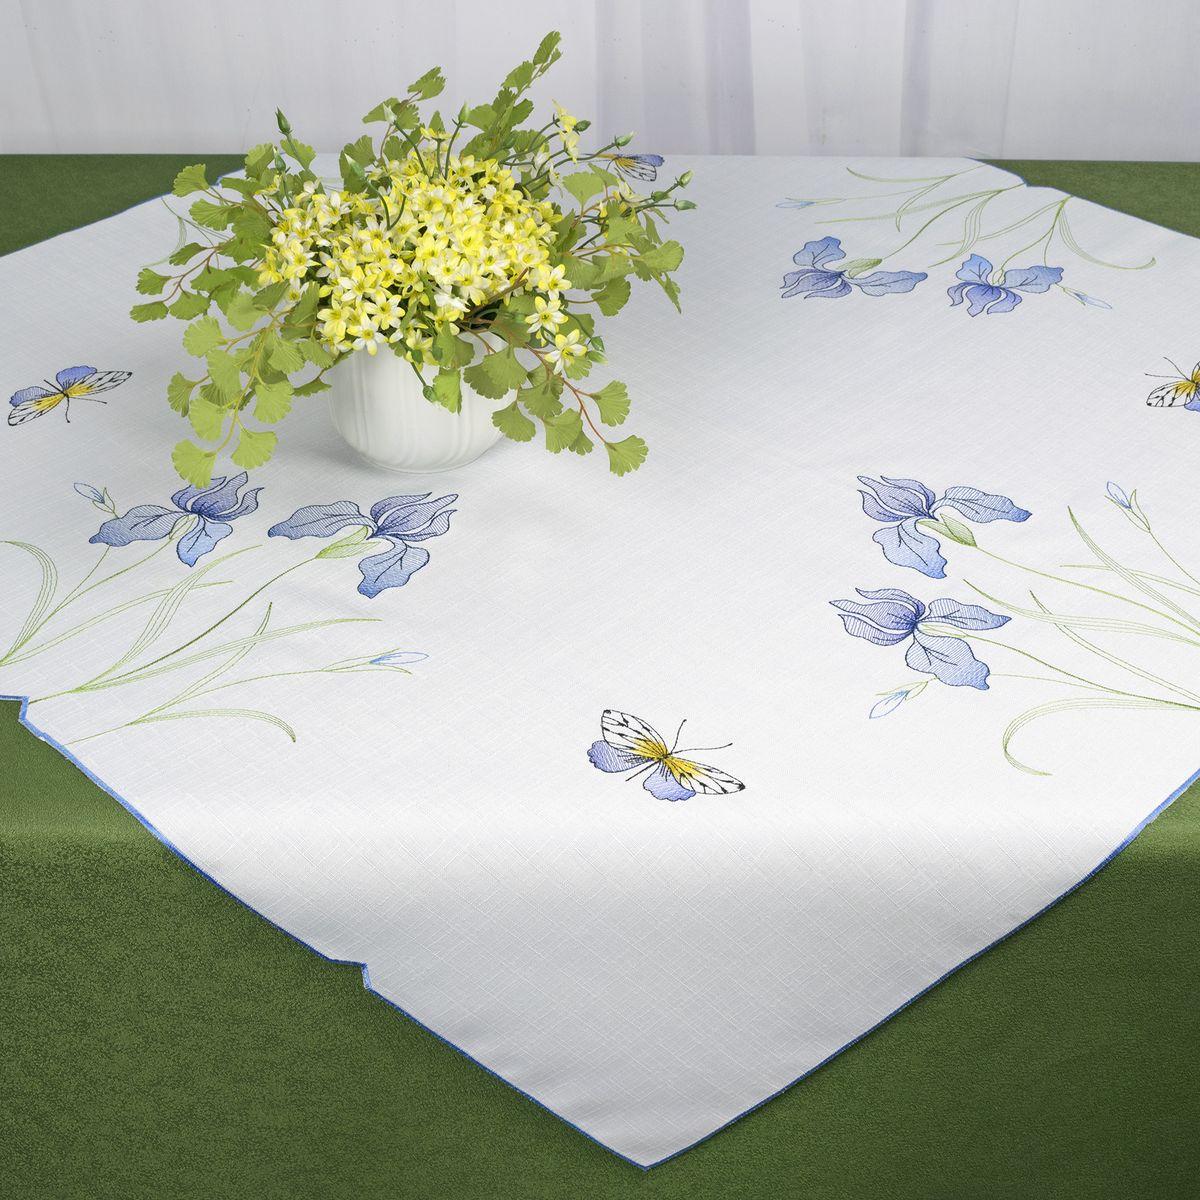 Скатерть Schaefer, квадратная, цвет: белый, 85 x 85 см. 07709-10007709-100Стильная скатерть Schaefer, выполненная из полиэстера, украшена вышивкой. Вышивка дает эффект объема за счет направления стежков при вышивании.Изделия из полиэстера легко стирать: они не мнутся, не садятся и быстро сохнут, они более долговечны, чем изделия из натуральных волокон.Немецкая компания Schaefer создана в 1921 году. На протяжении всего времени существования она создает уникальные коллекции домашнего текстиля для гостиных, спален, кухонь и ванных комнат. Дизайнерские идеи немецких художников компании Schaefer воплощаются в текстильных изделиях, которые сделают ваш дом красивее и уютнее и не останутся незамеченными вашими гостями. Дарите себе и близким красоту каждый день!